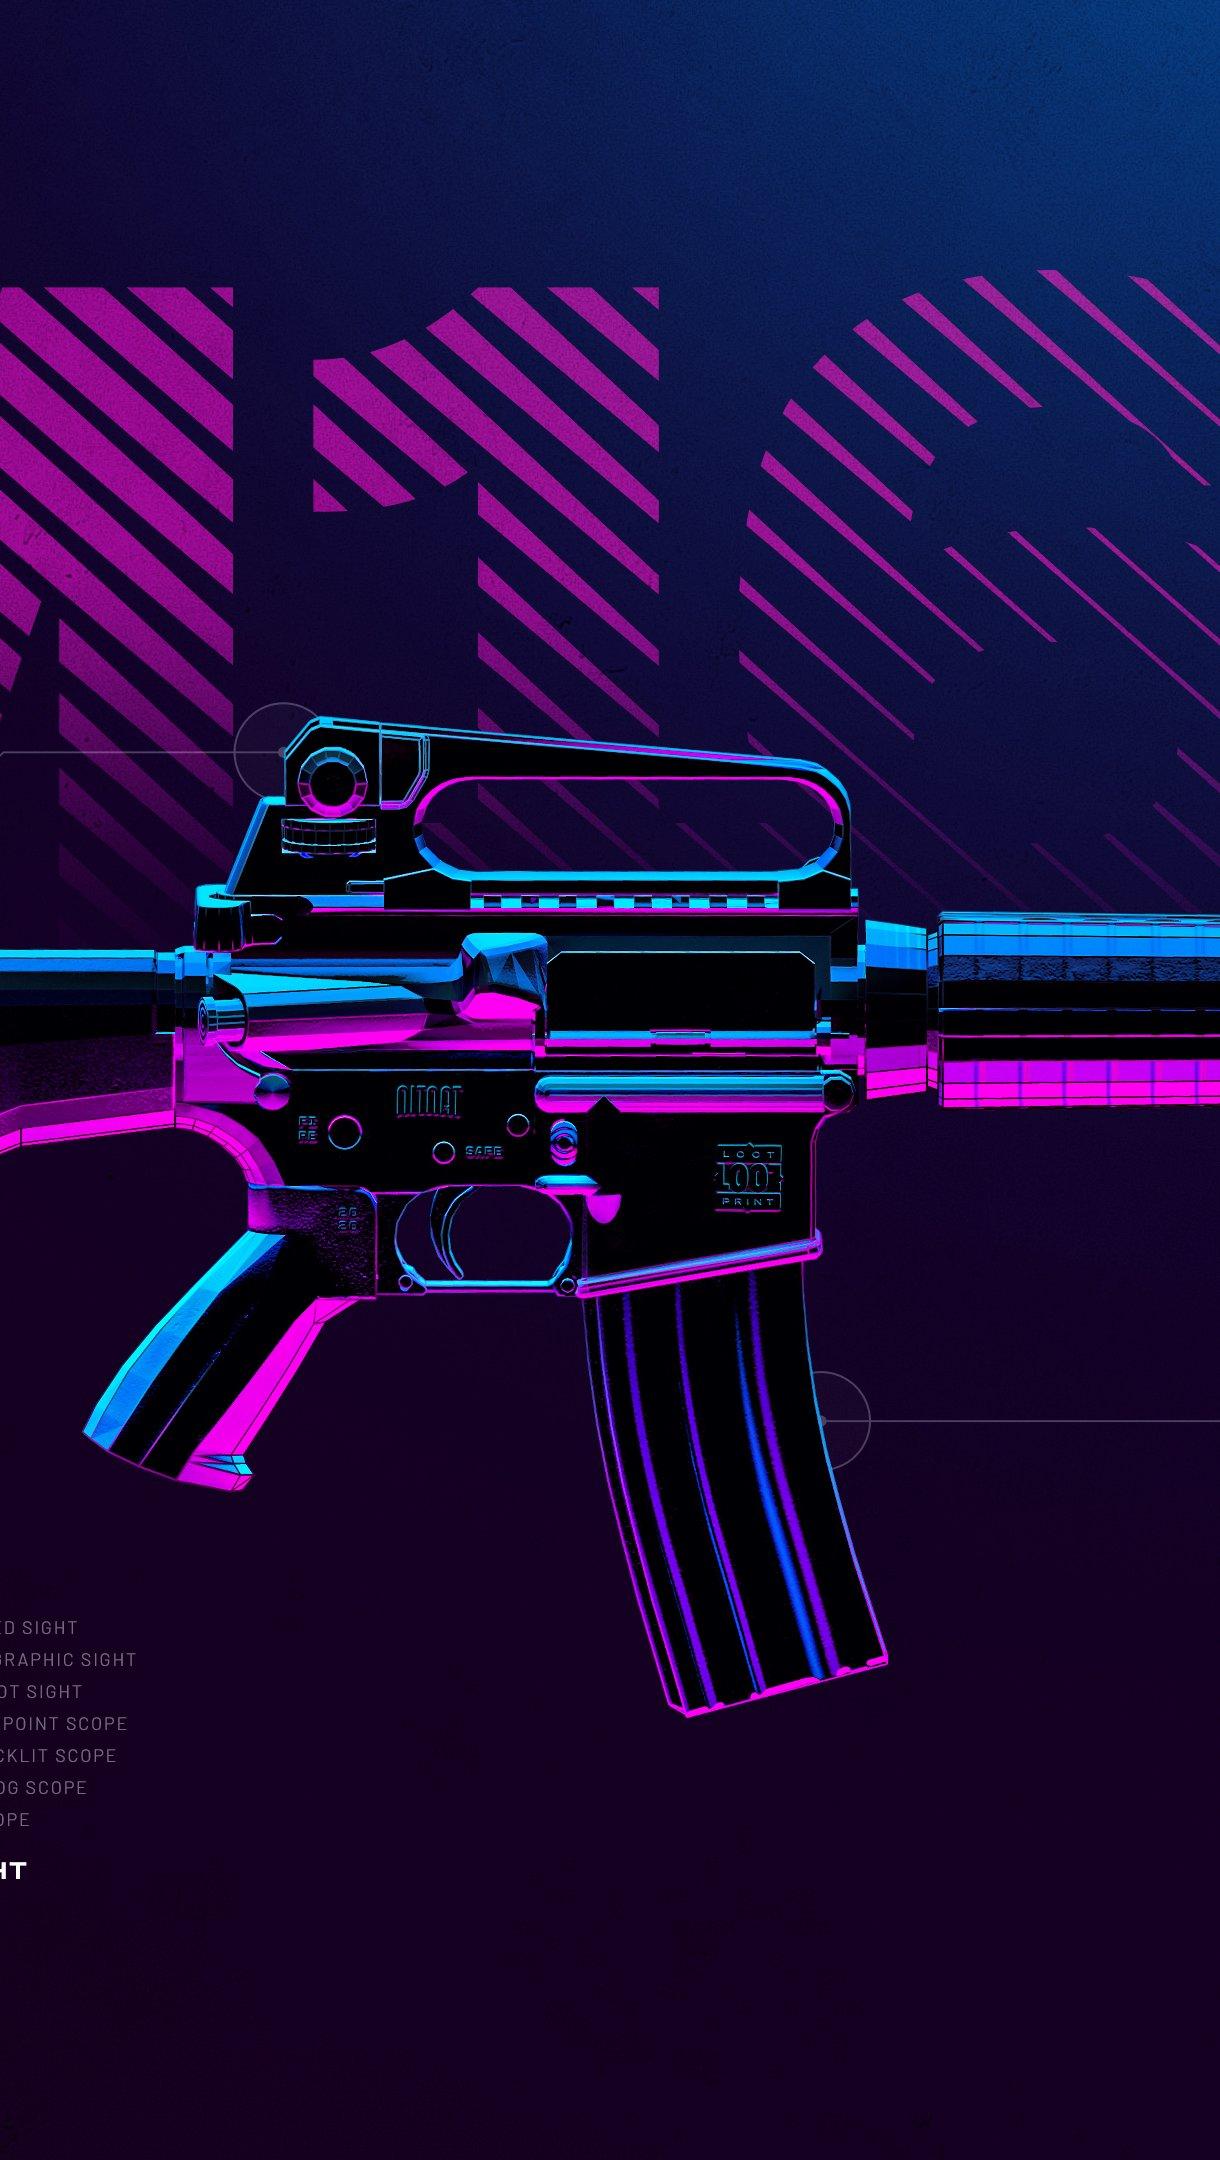 Fondos de pantalla Arma M16A4 de PUBG Vertical